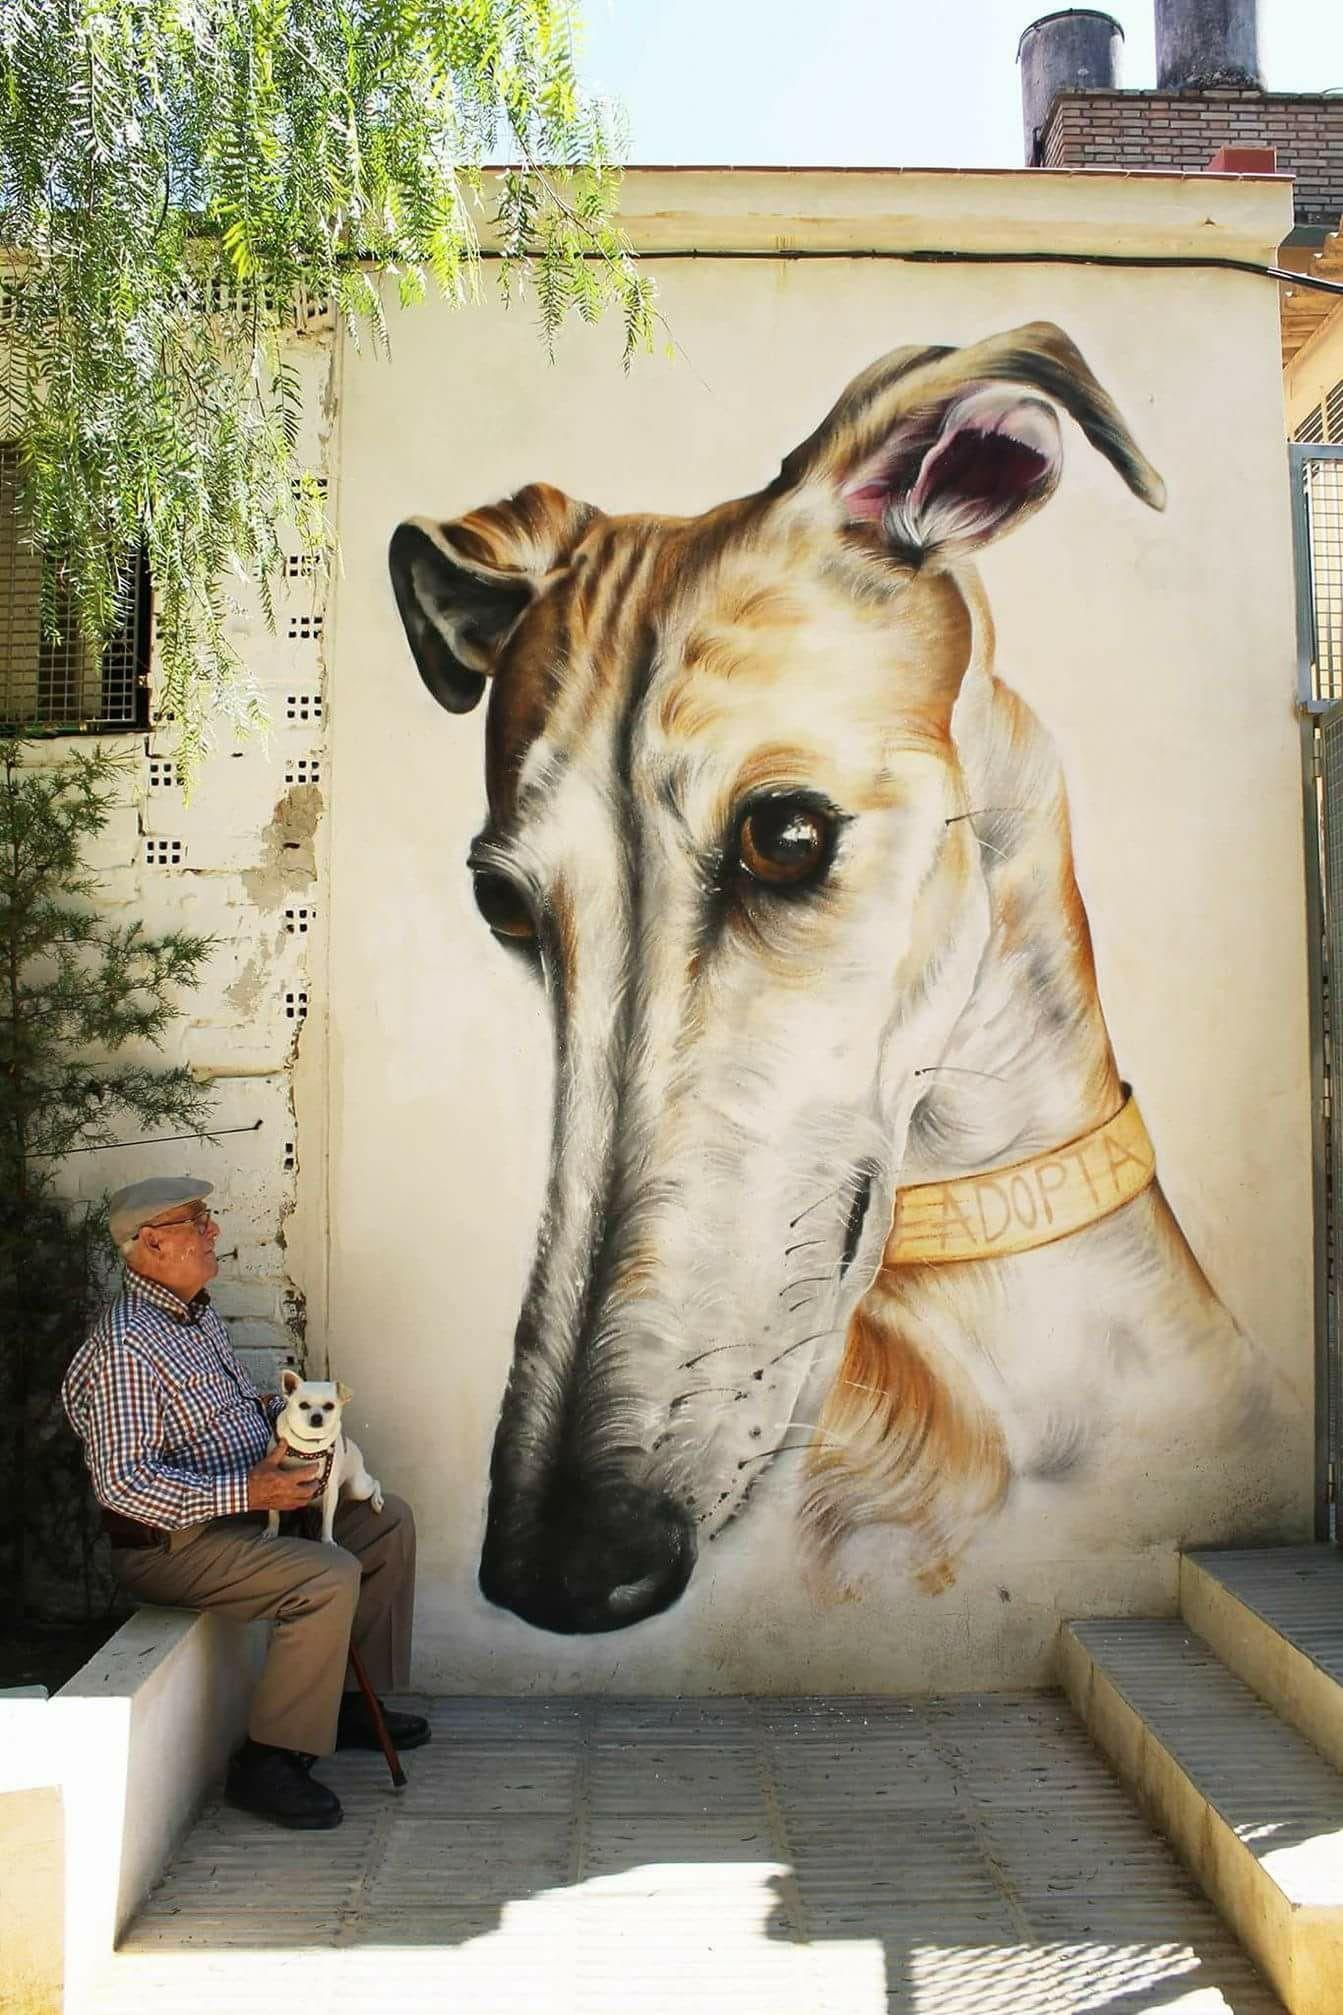 Quelle Magnifique Fresque Quel Talent Adopta Peinture Murale Dans Le Parc Municipal Bae Art Du Levrier Dessin De Chien Peintures De Chien